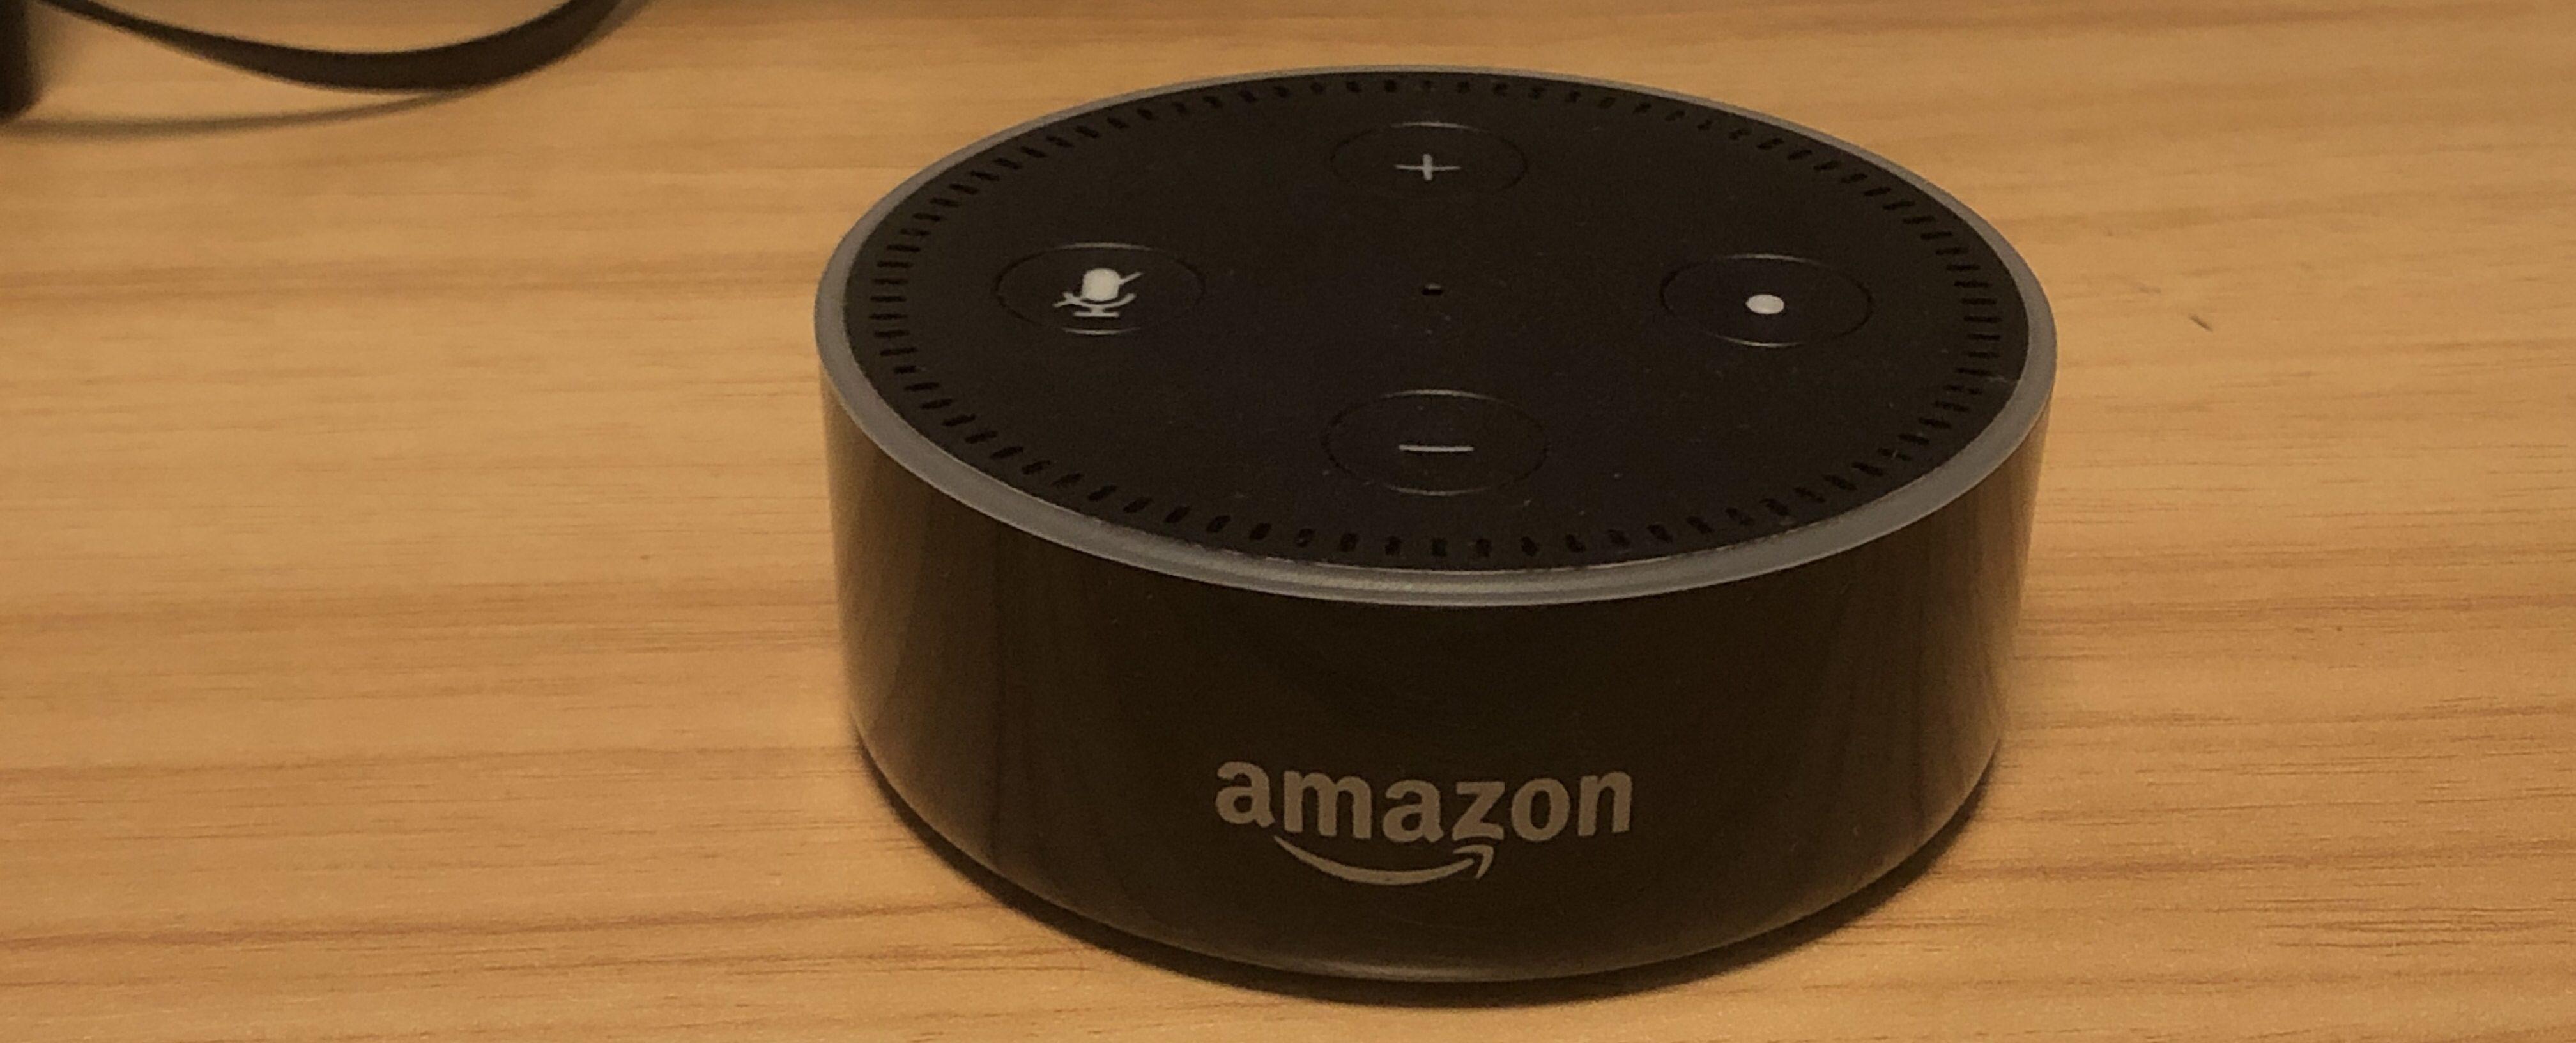 Amazon echo dot img